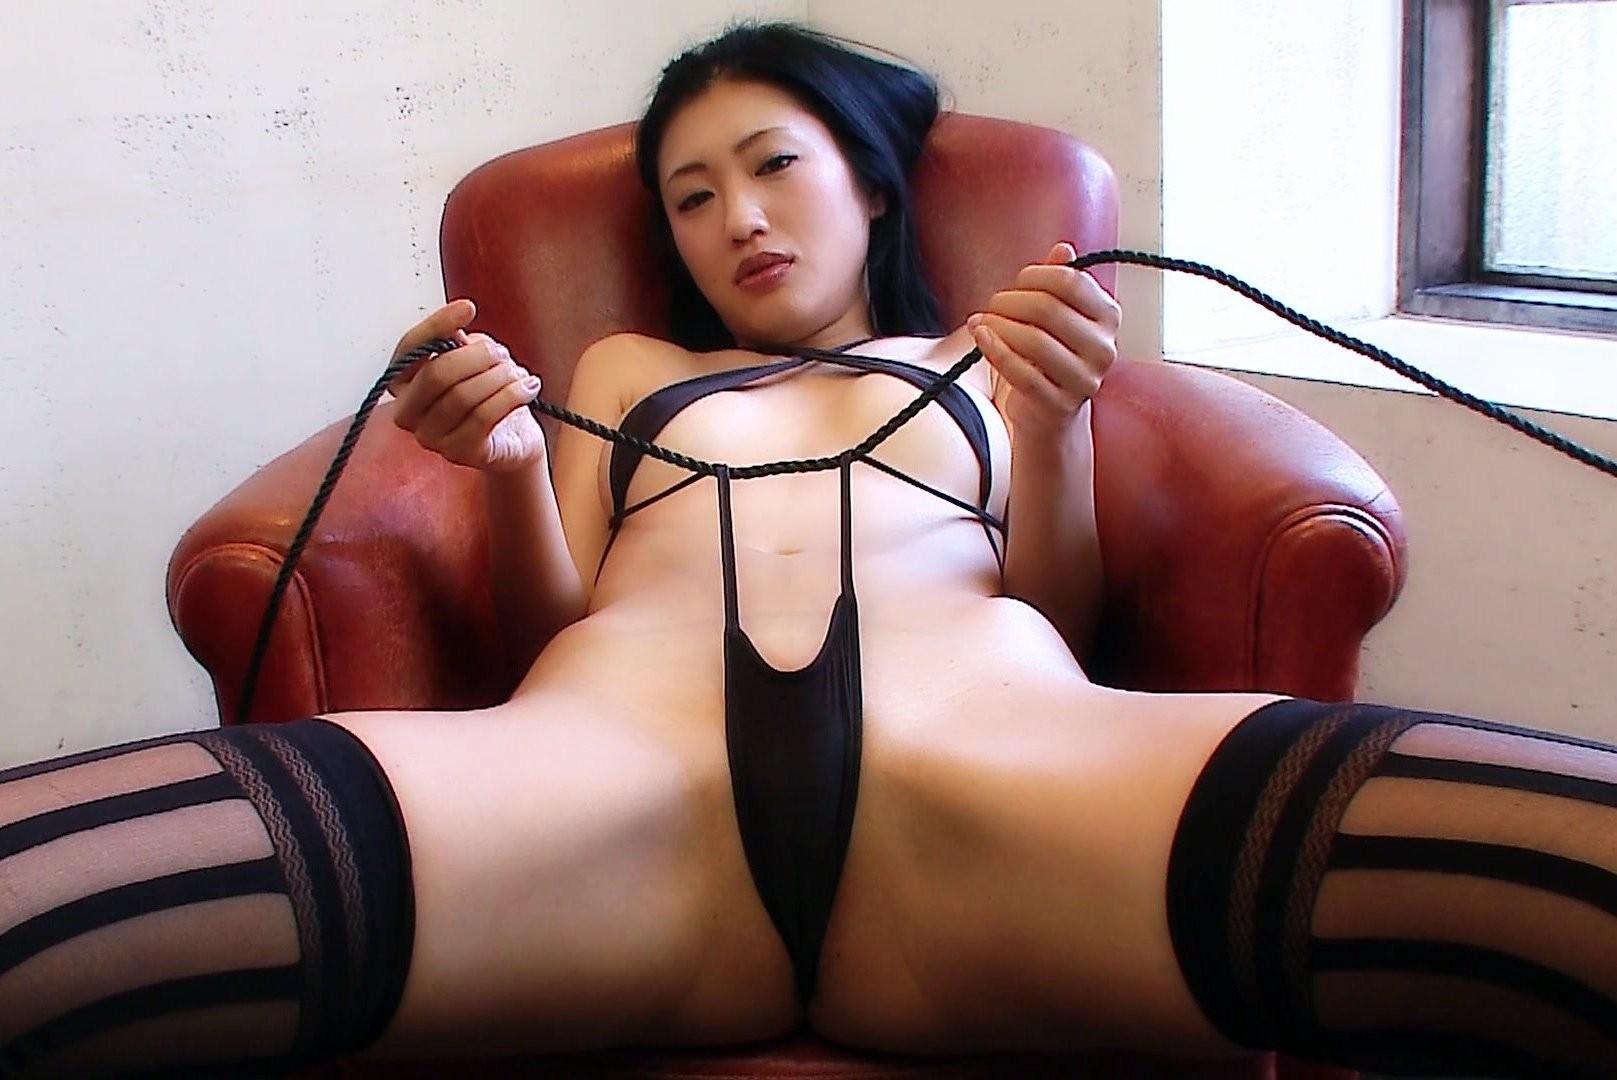 壇蜜 画像 まんこ 80